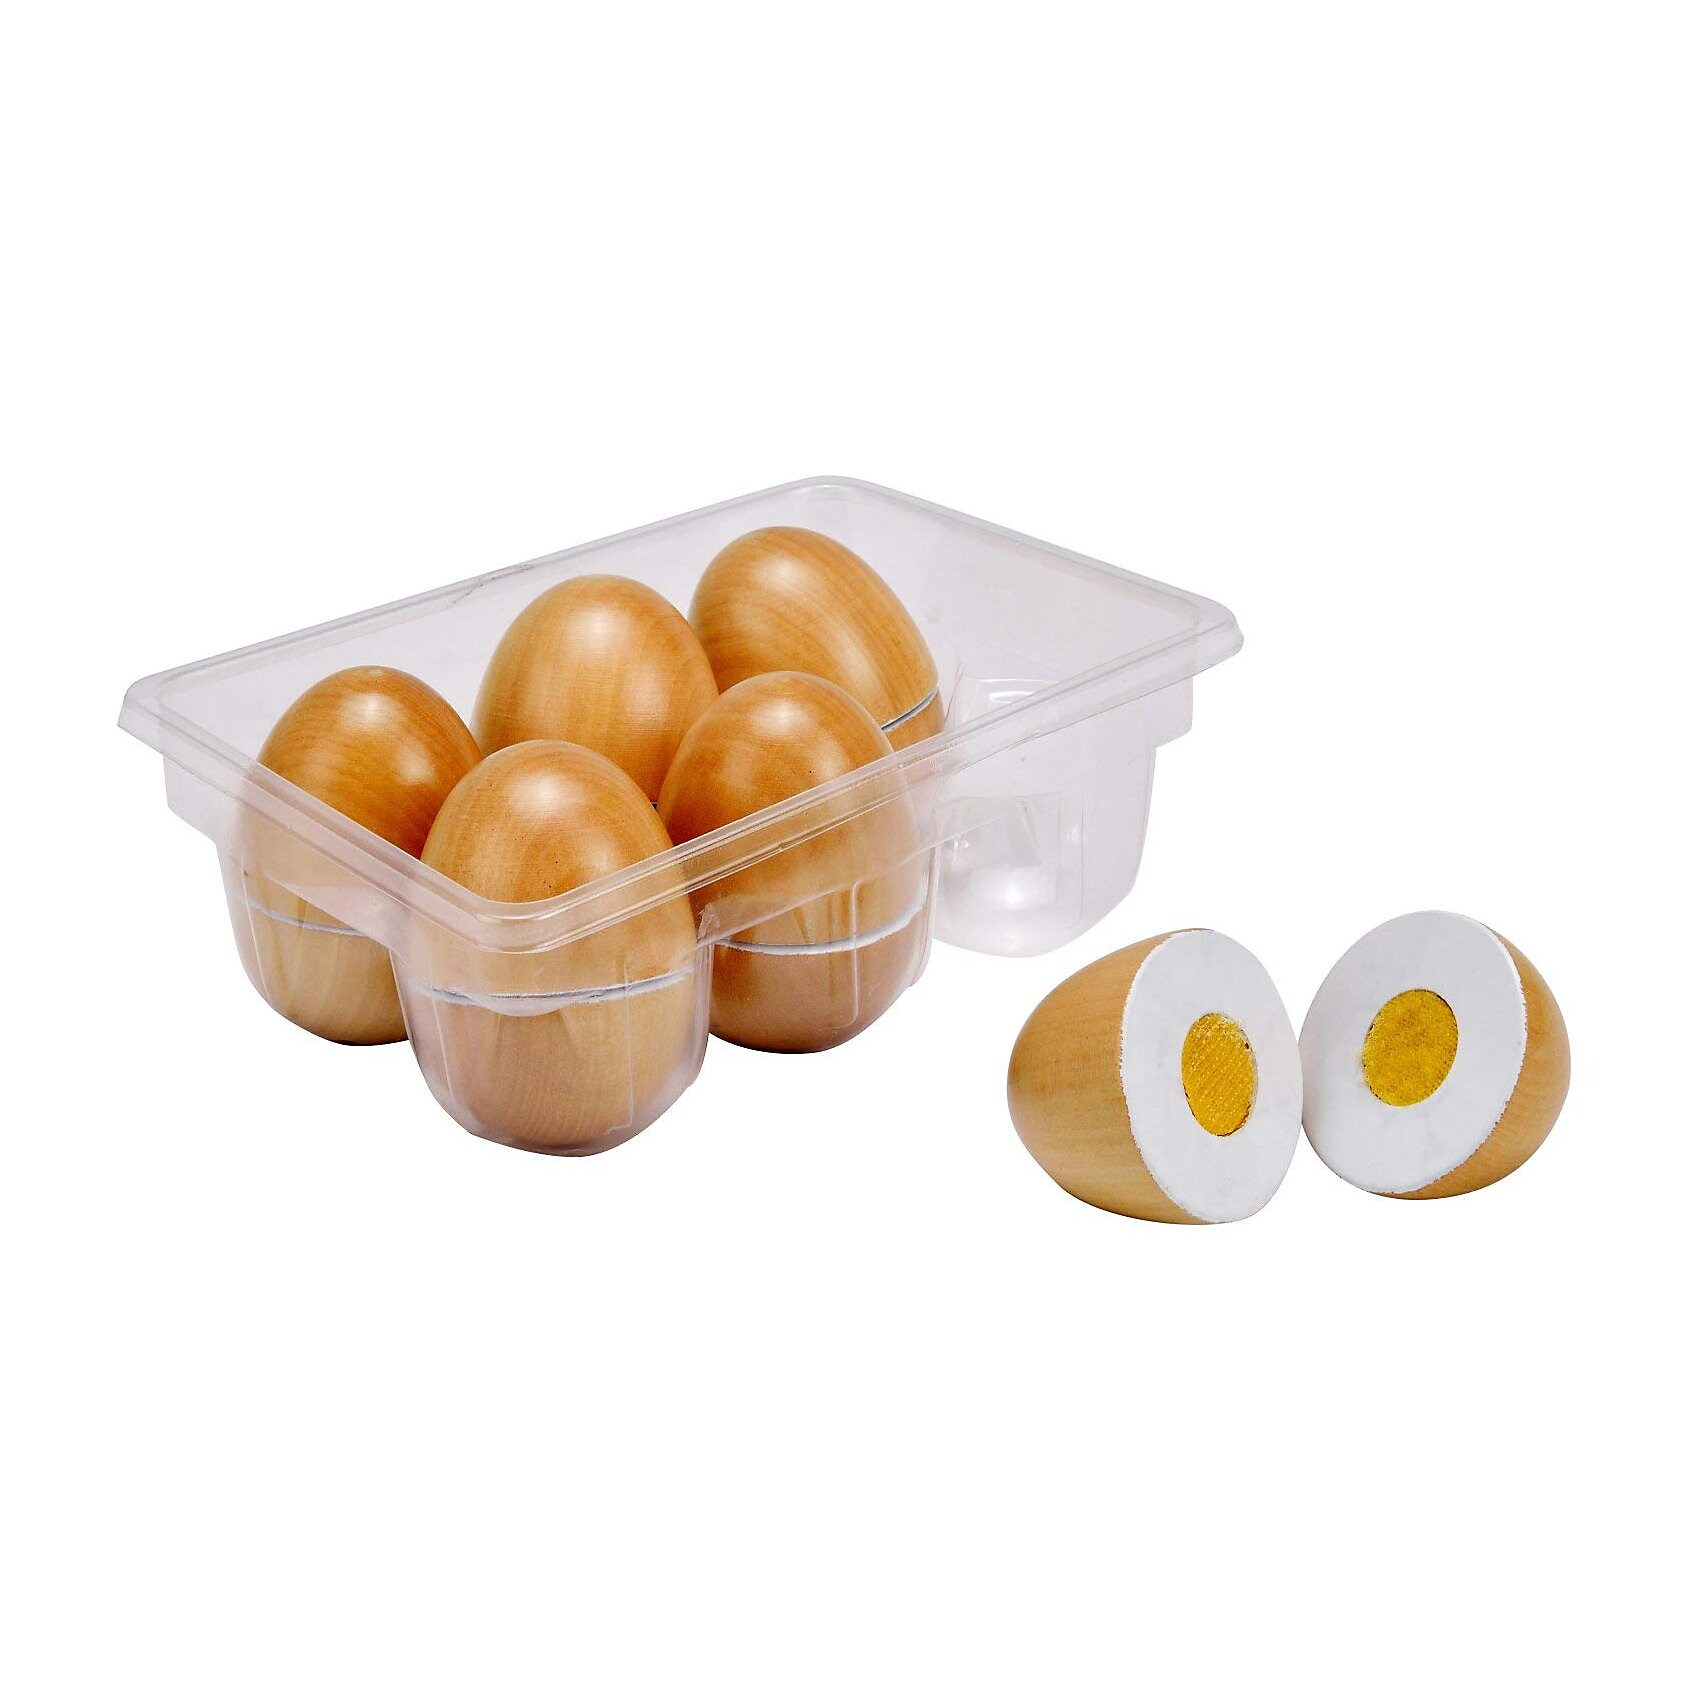 Idena Eierbox Holz 6 Eier schneidbar